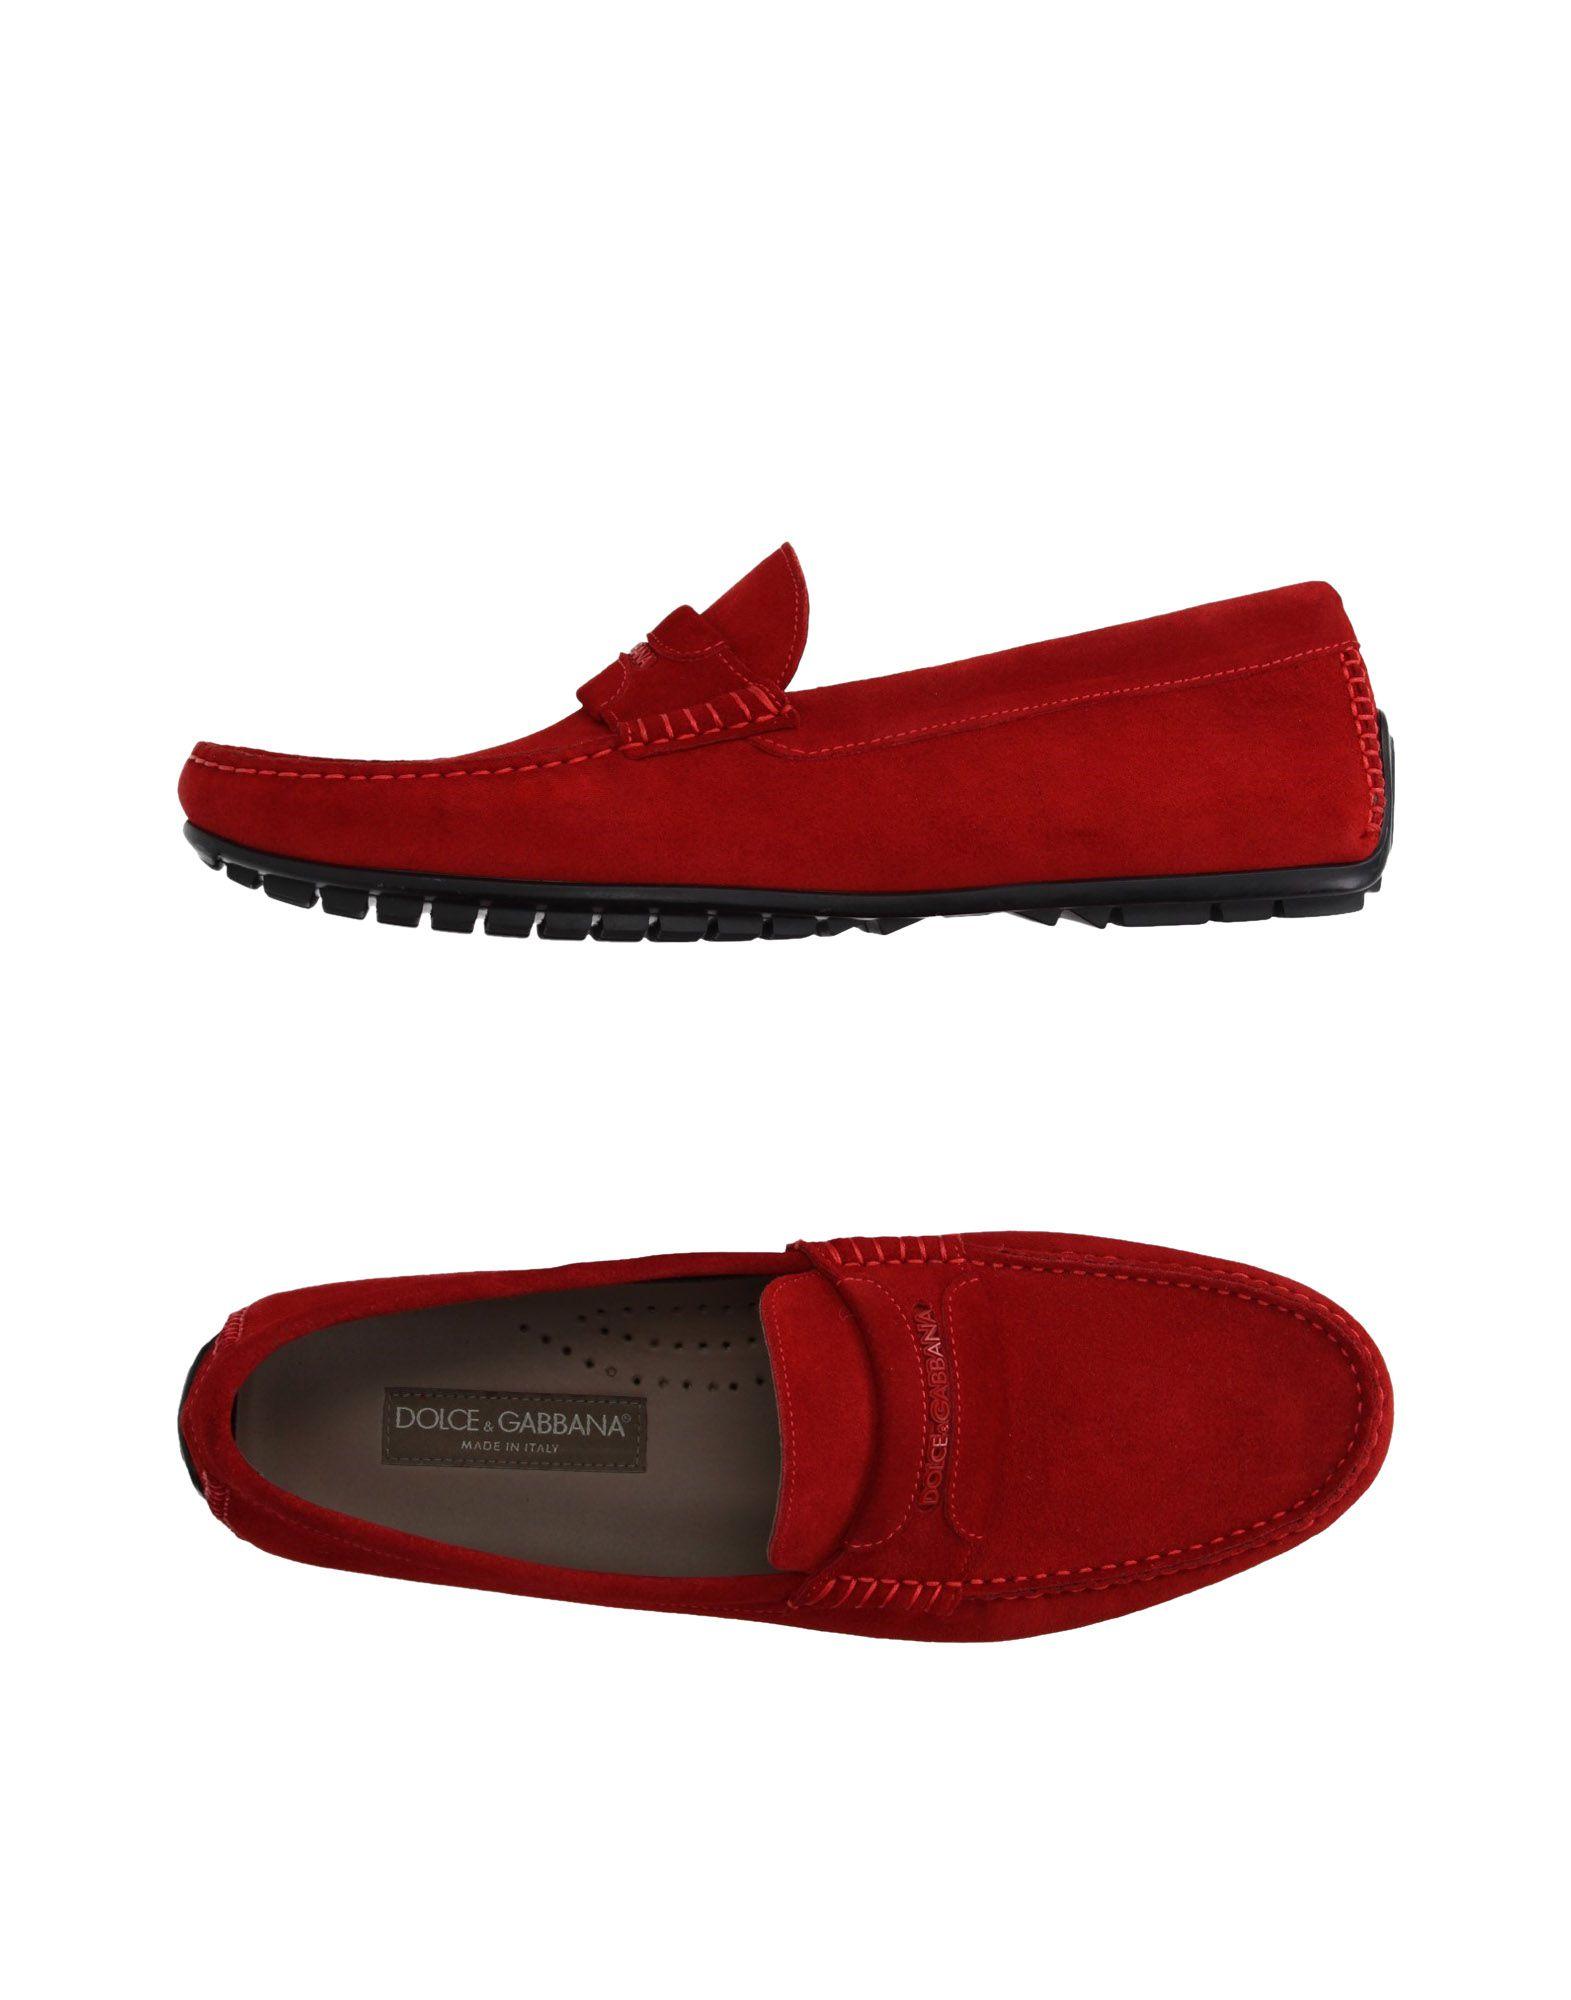 Dolce & Gabbana Gute Mokassins Herren  11143822AG Gute Gabbana Qualität beliebte Schuhe ccfe2d